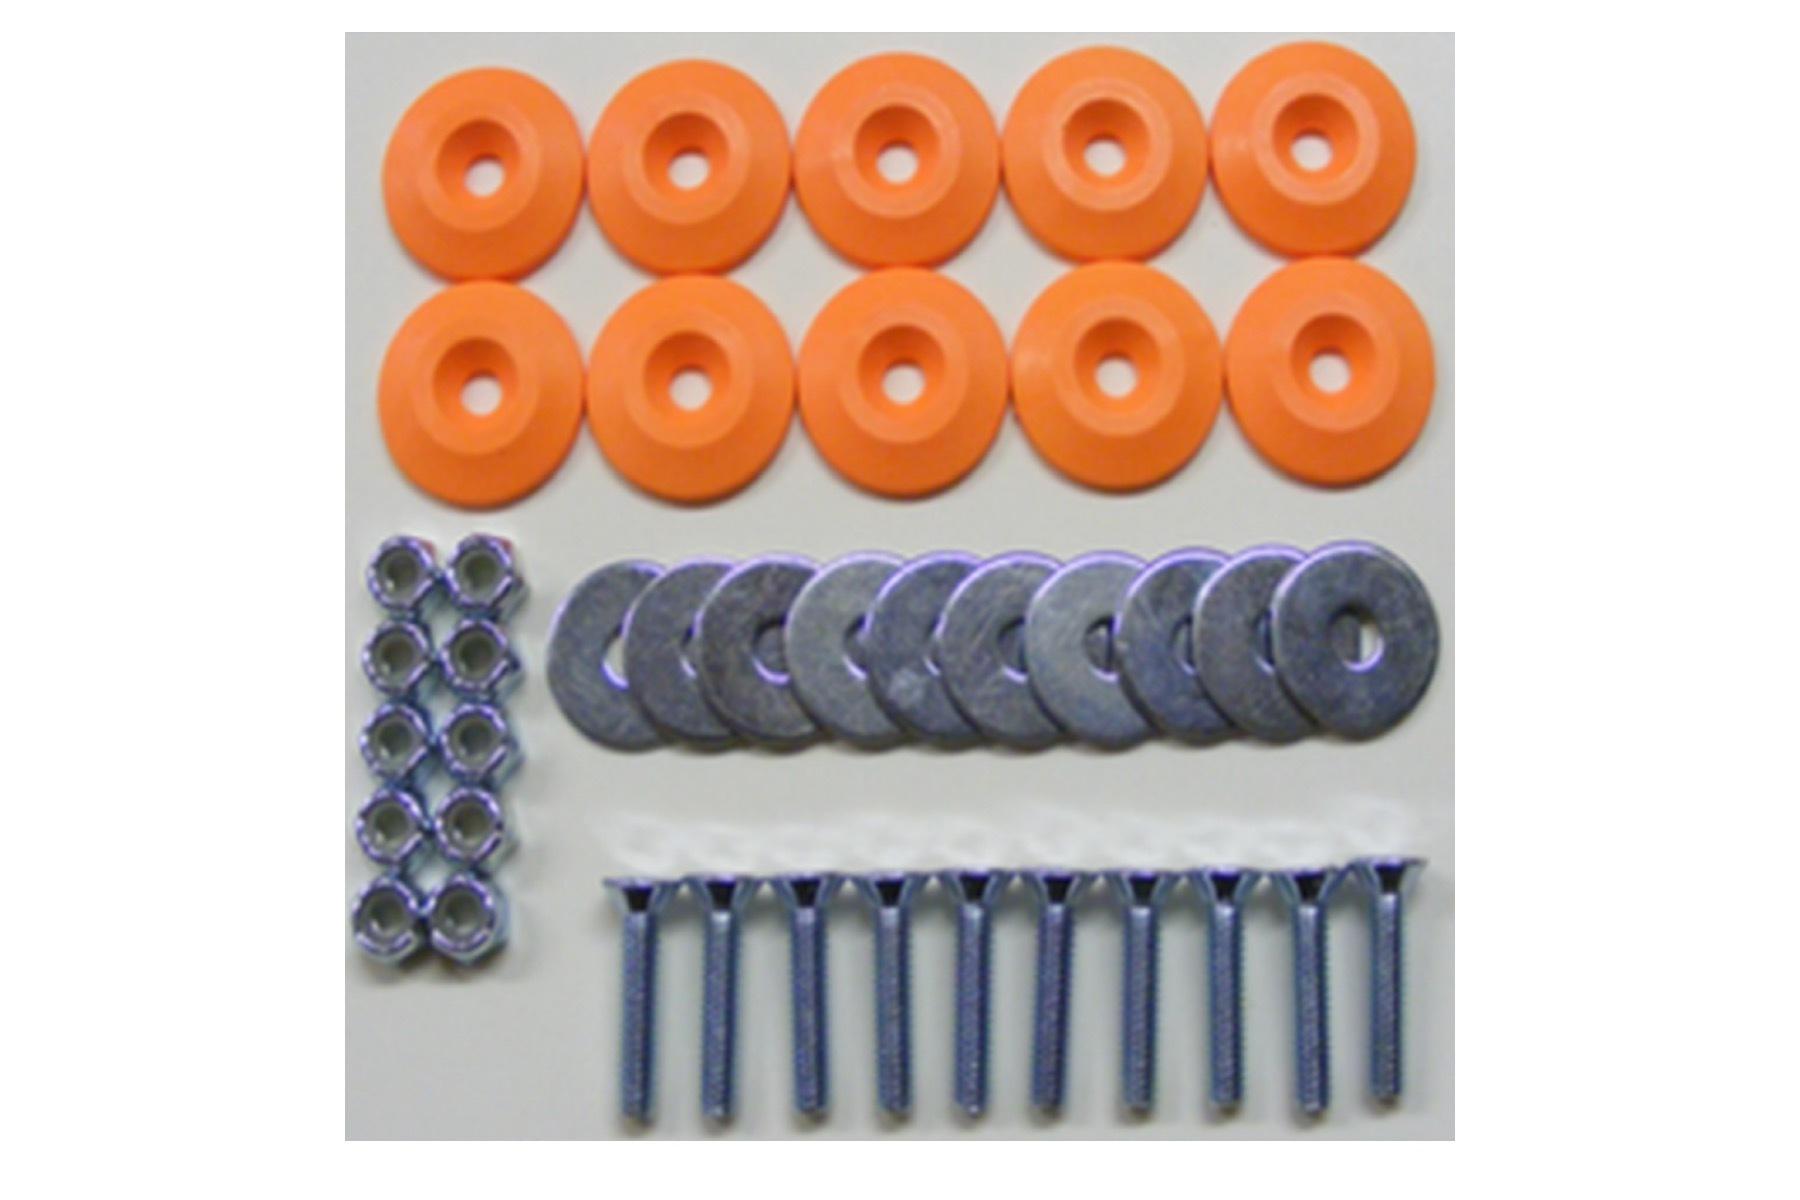 Body Bolt Kit Orange 10 Pack